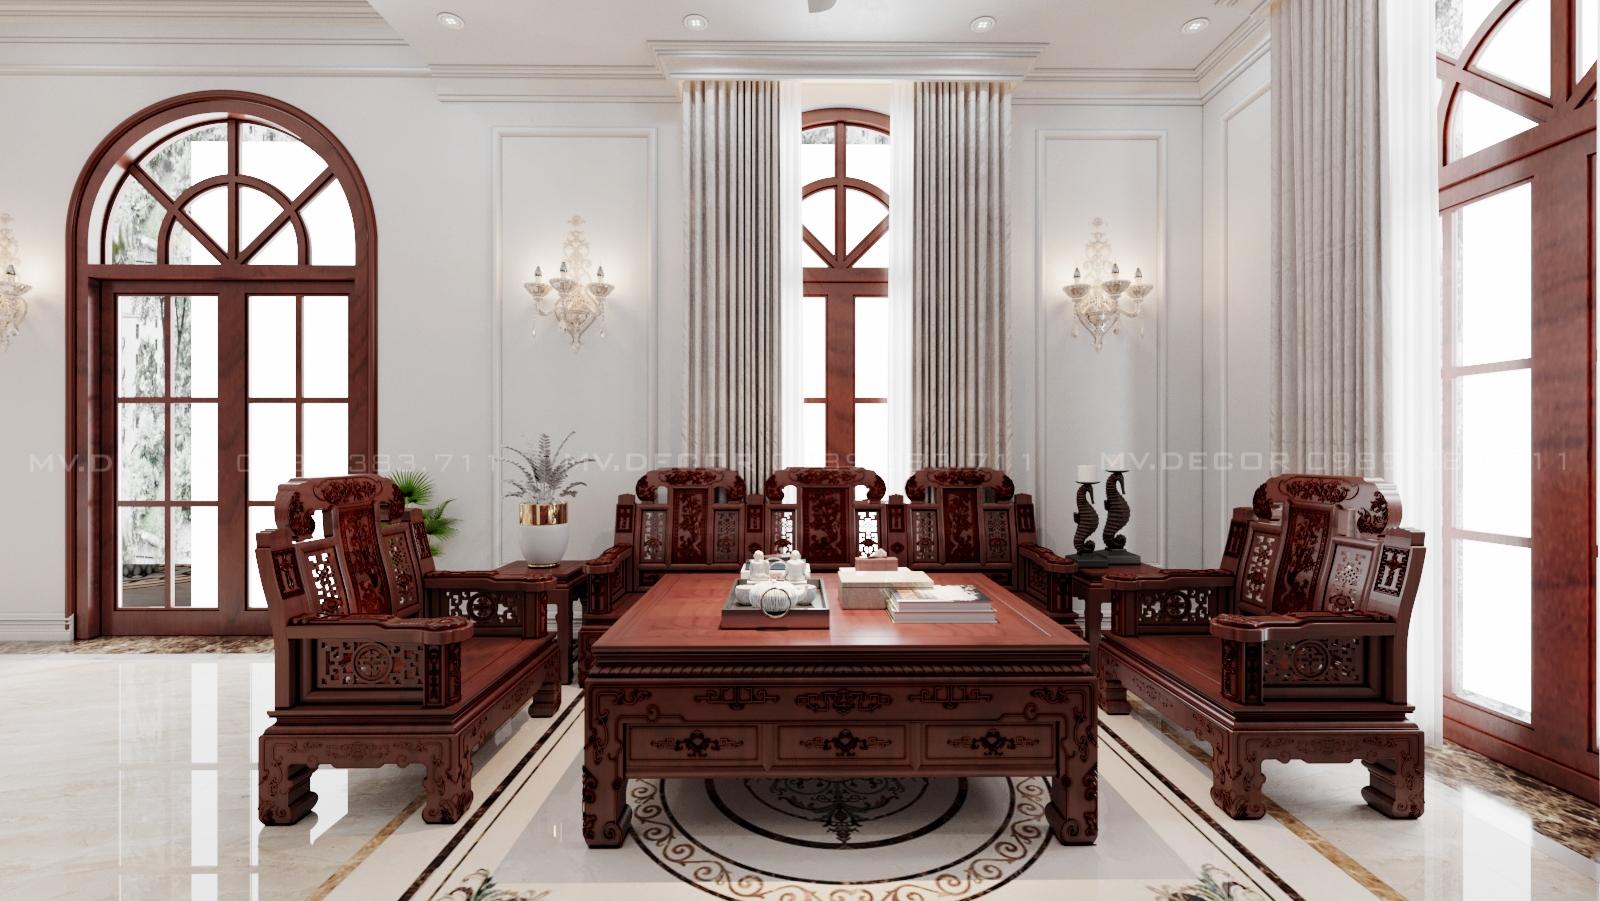 thiết kế Nhà tại Phú Thọ nhà thờ tại việt trì 11 1568276956